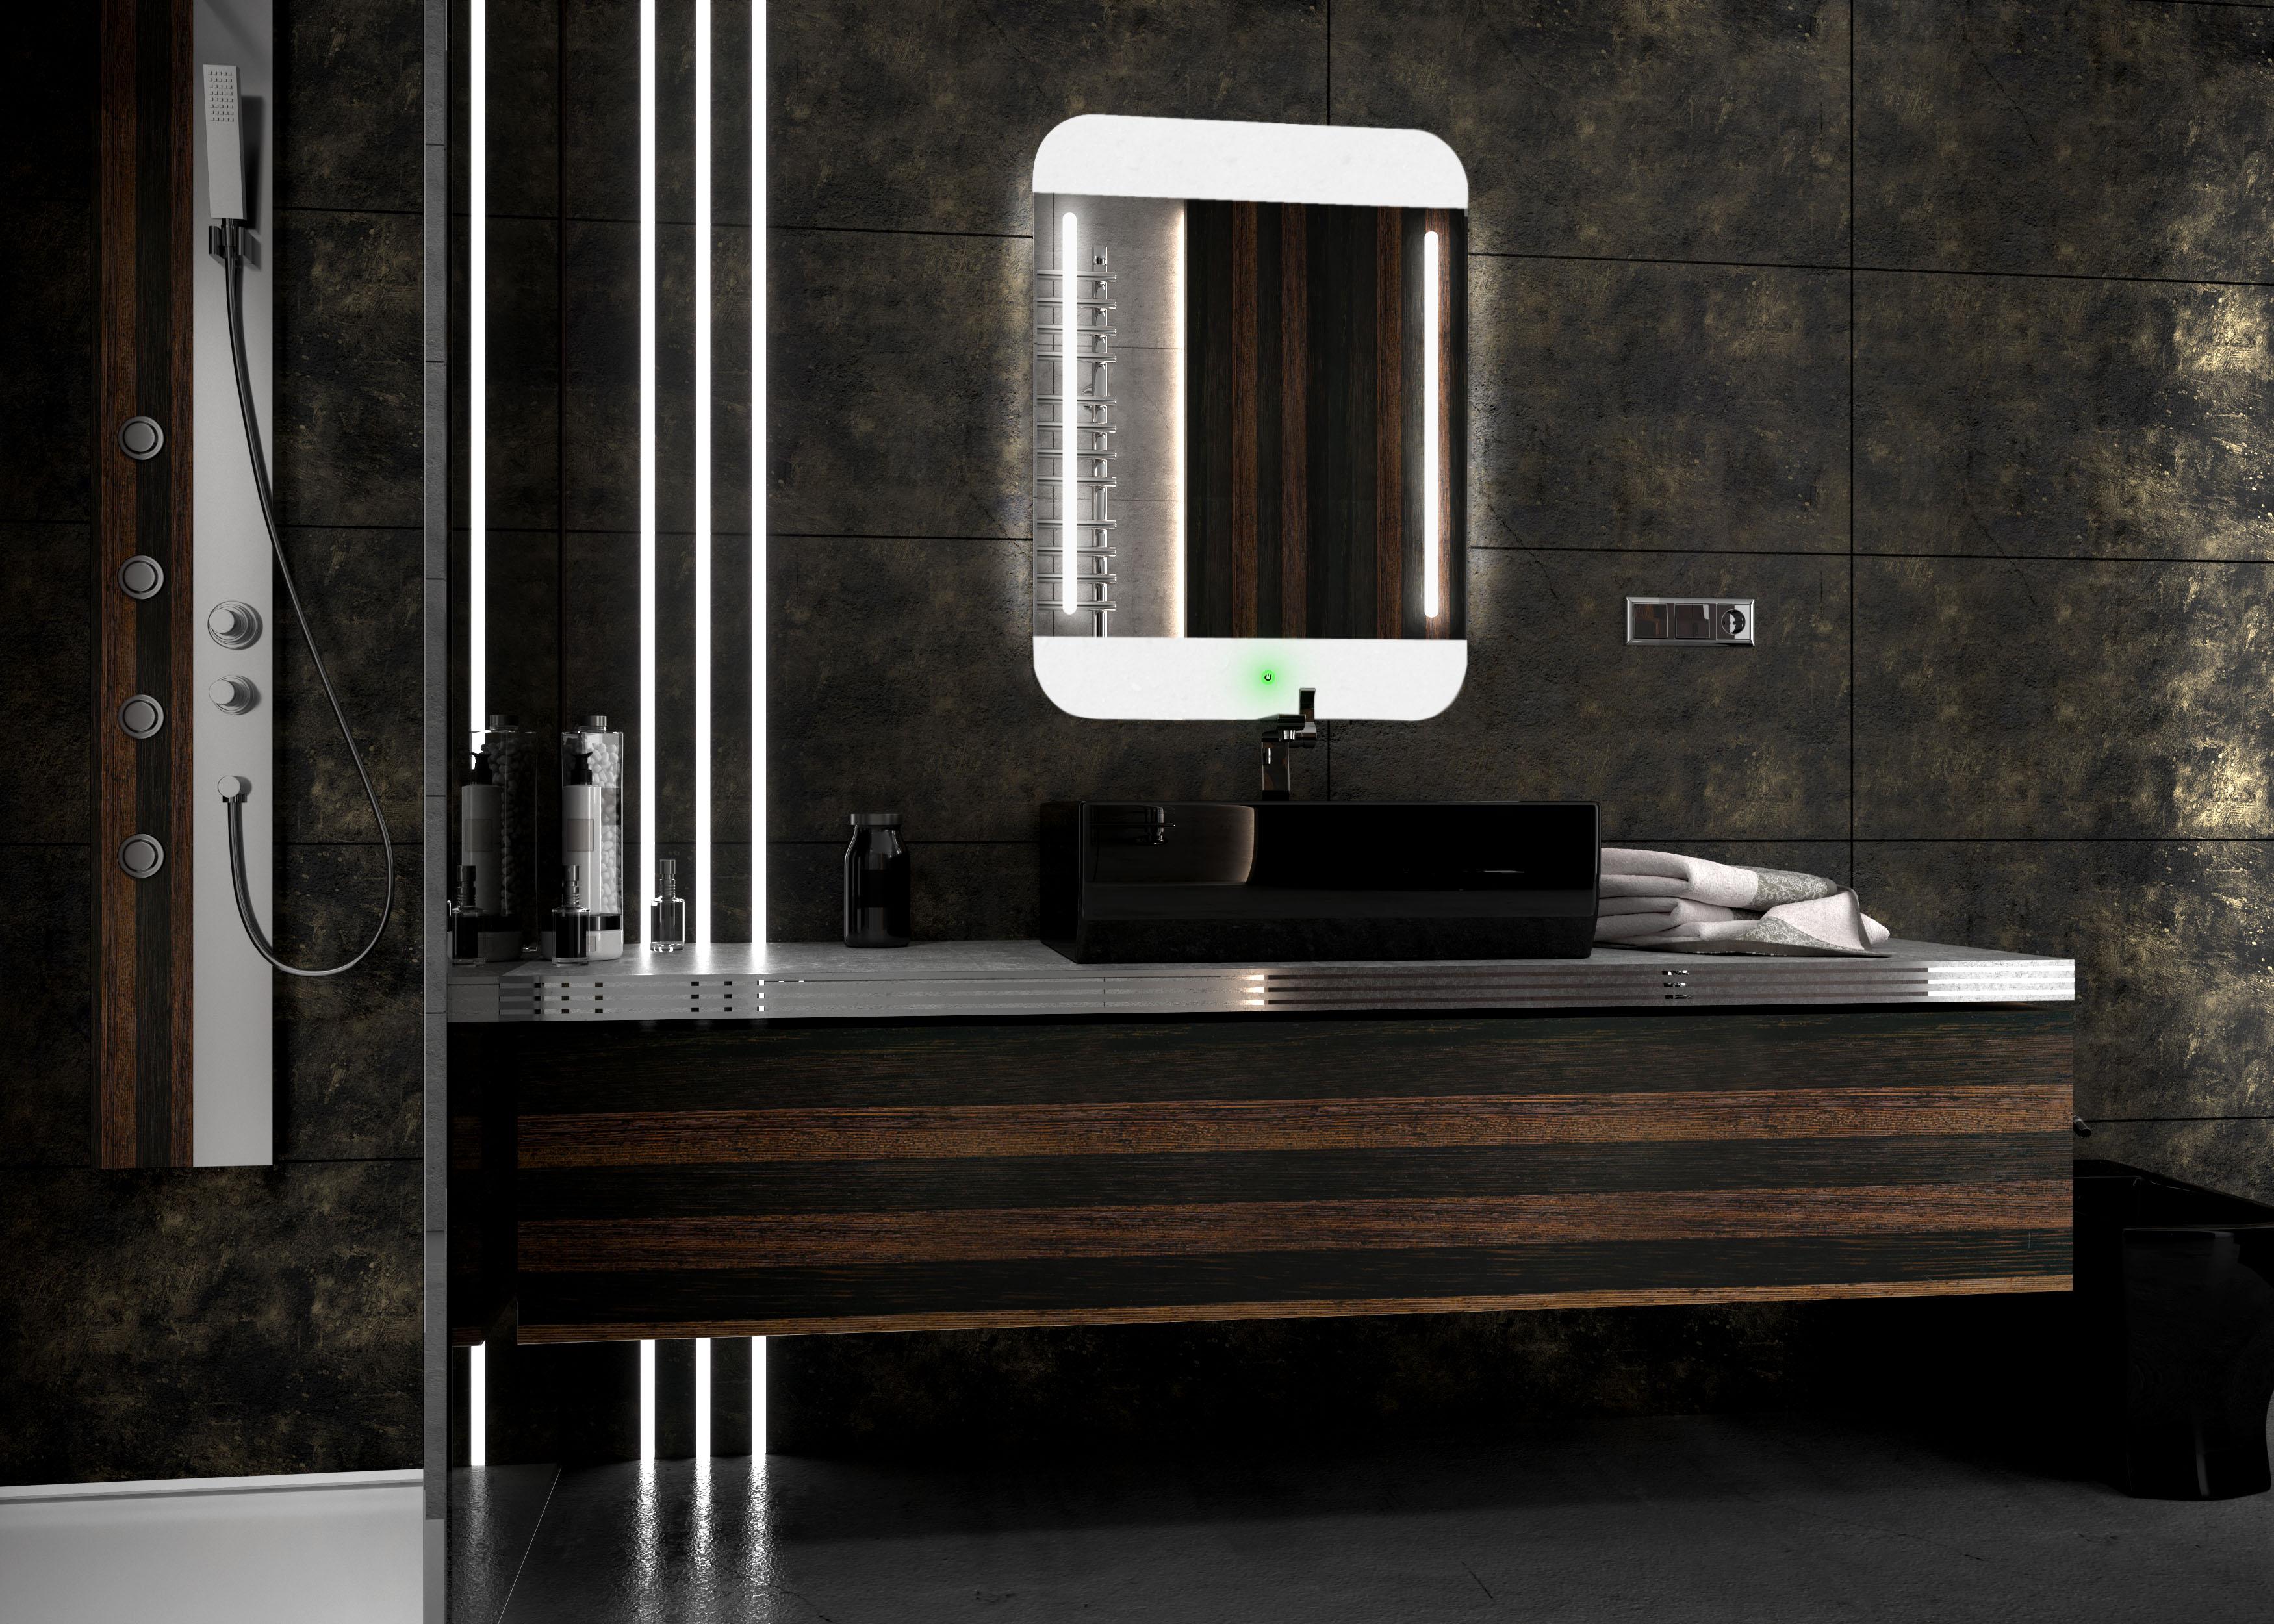 top ipad moderne led spiegel neu design badspiegel mit touchschalter ebay. Black Bedroom Furniture Sets. Home Design Ideas